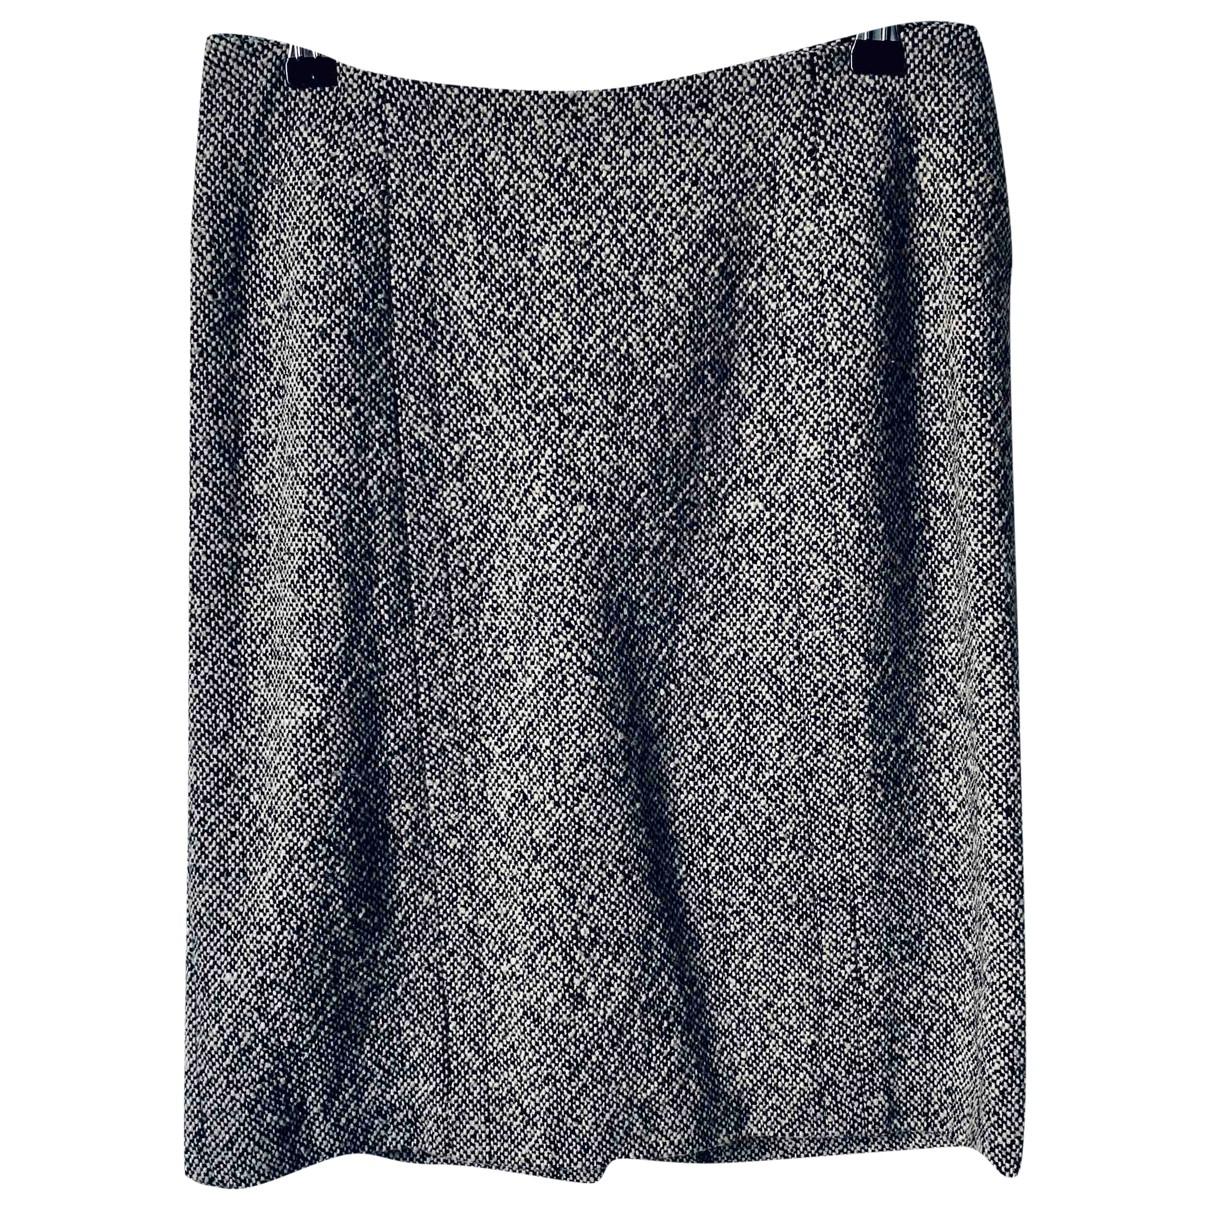 Zapa \N Rocke in  Grau Wolle